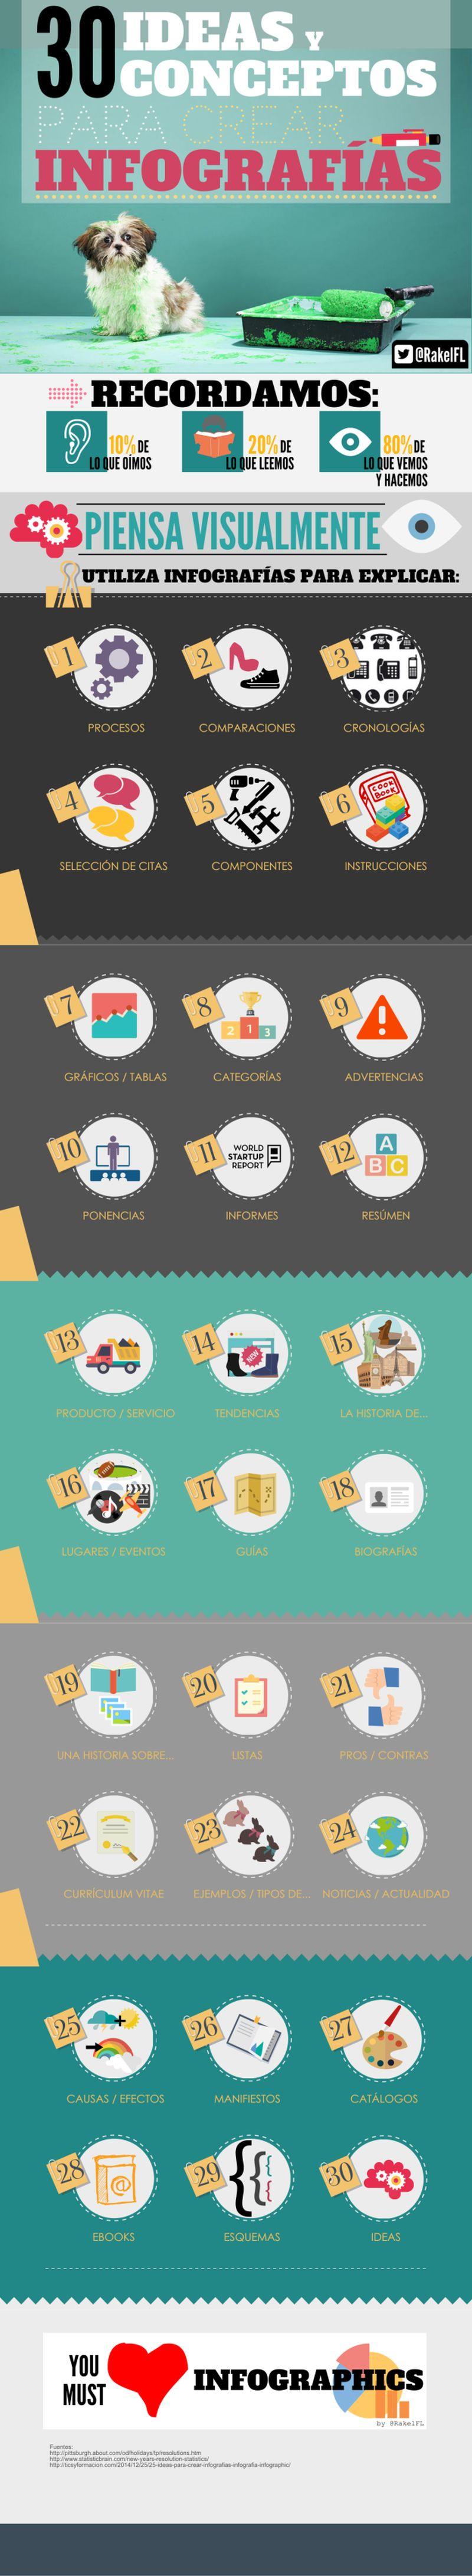 Una treintena de conceptos e ideas para crear infografías